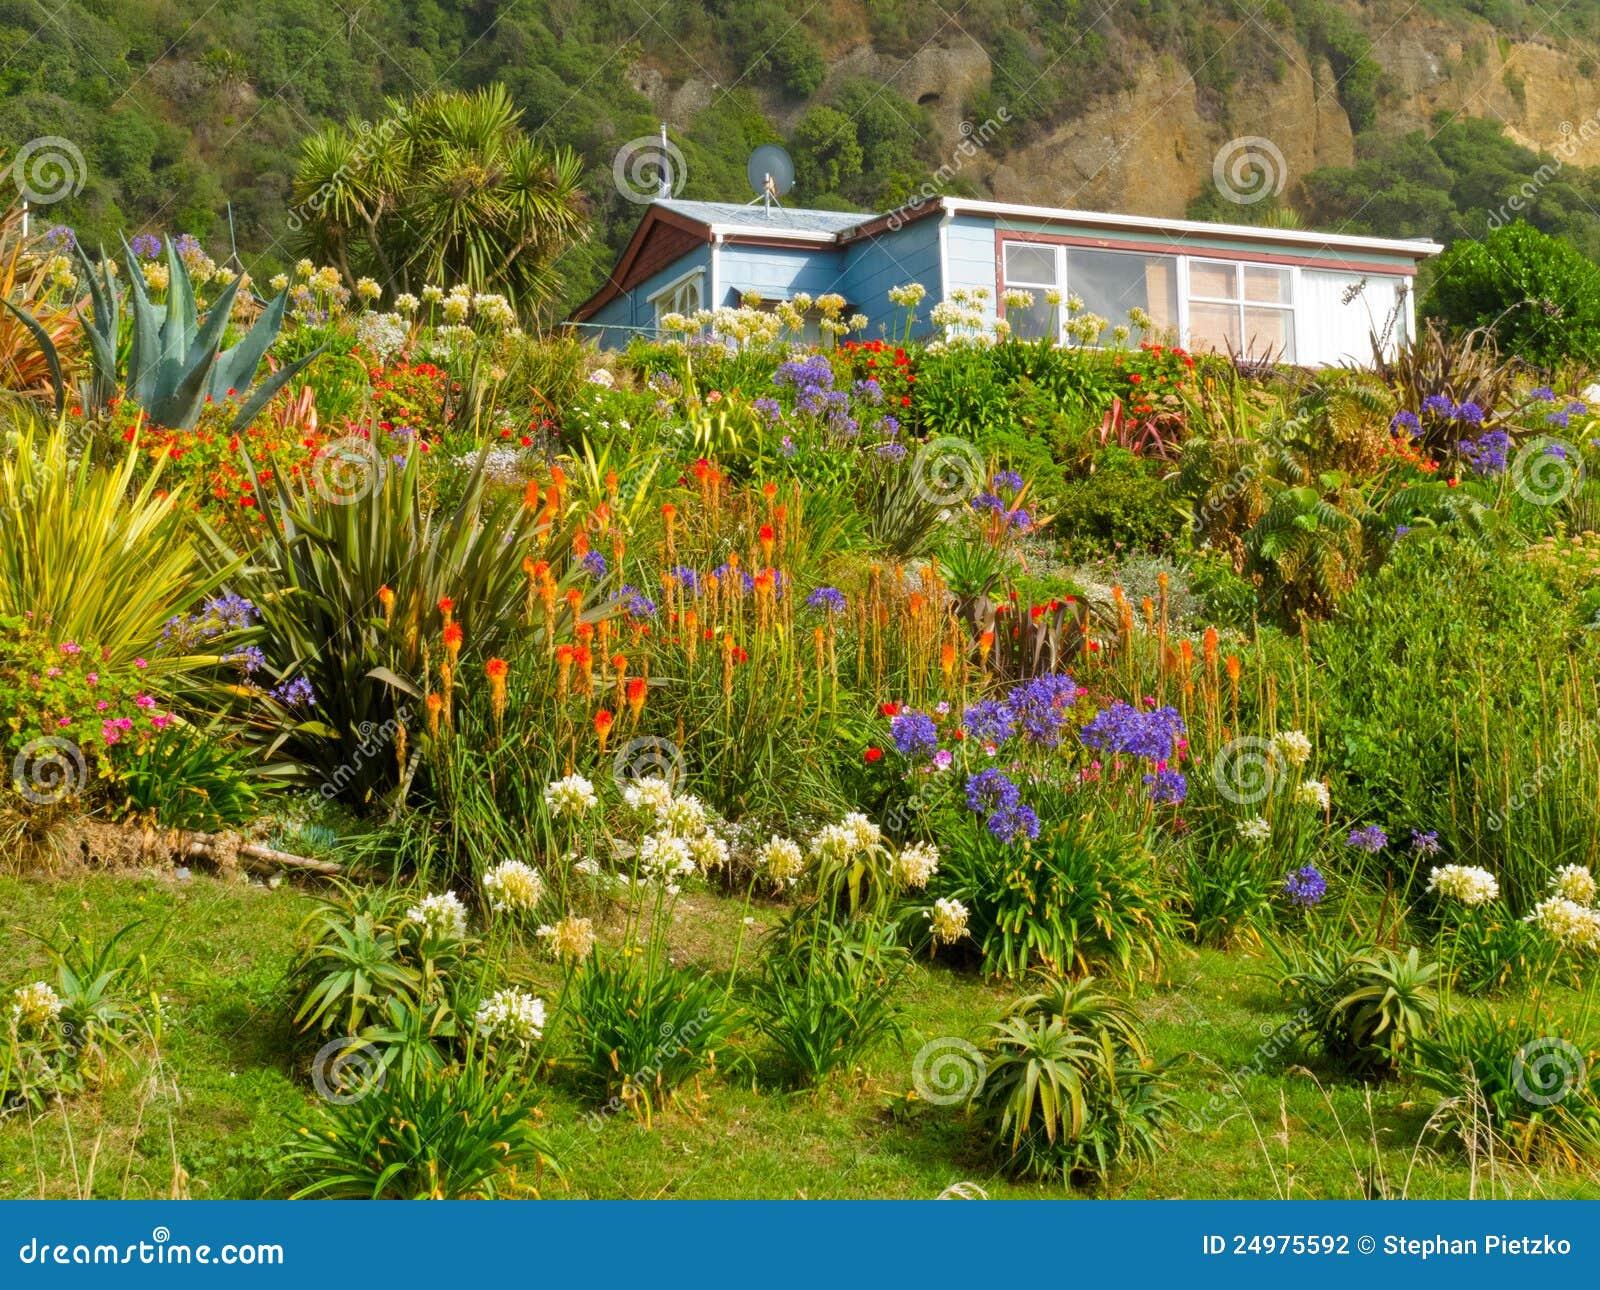 Rural dream house in lush flowering natural garden stock for Dream plants for the natural garden